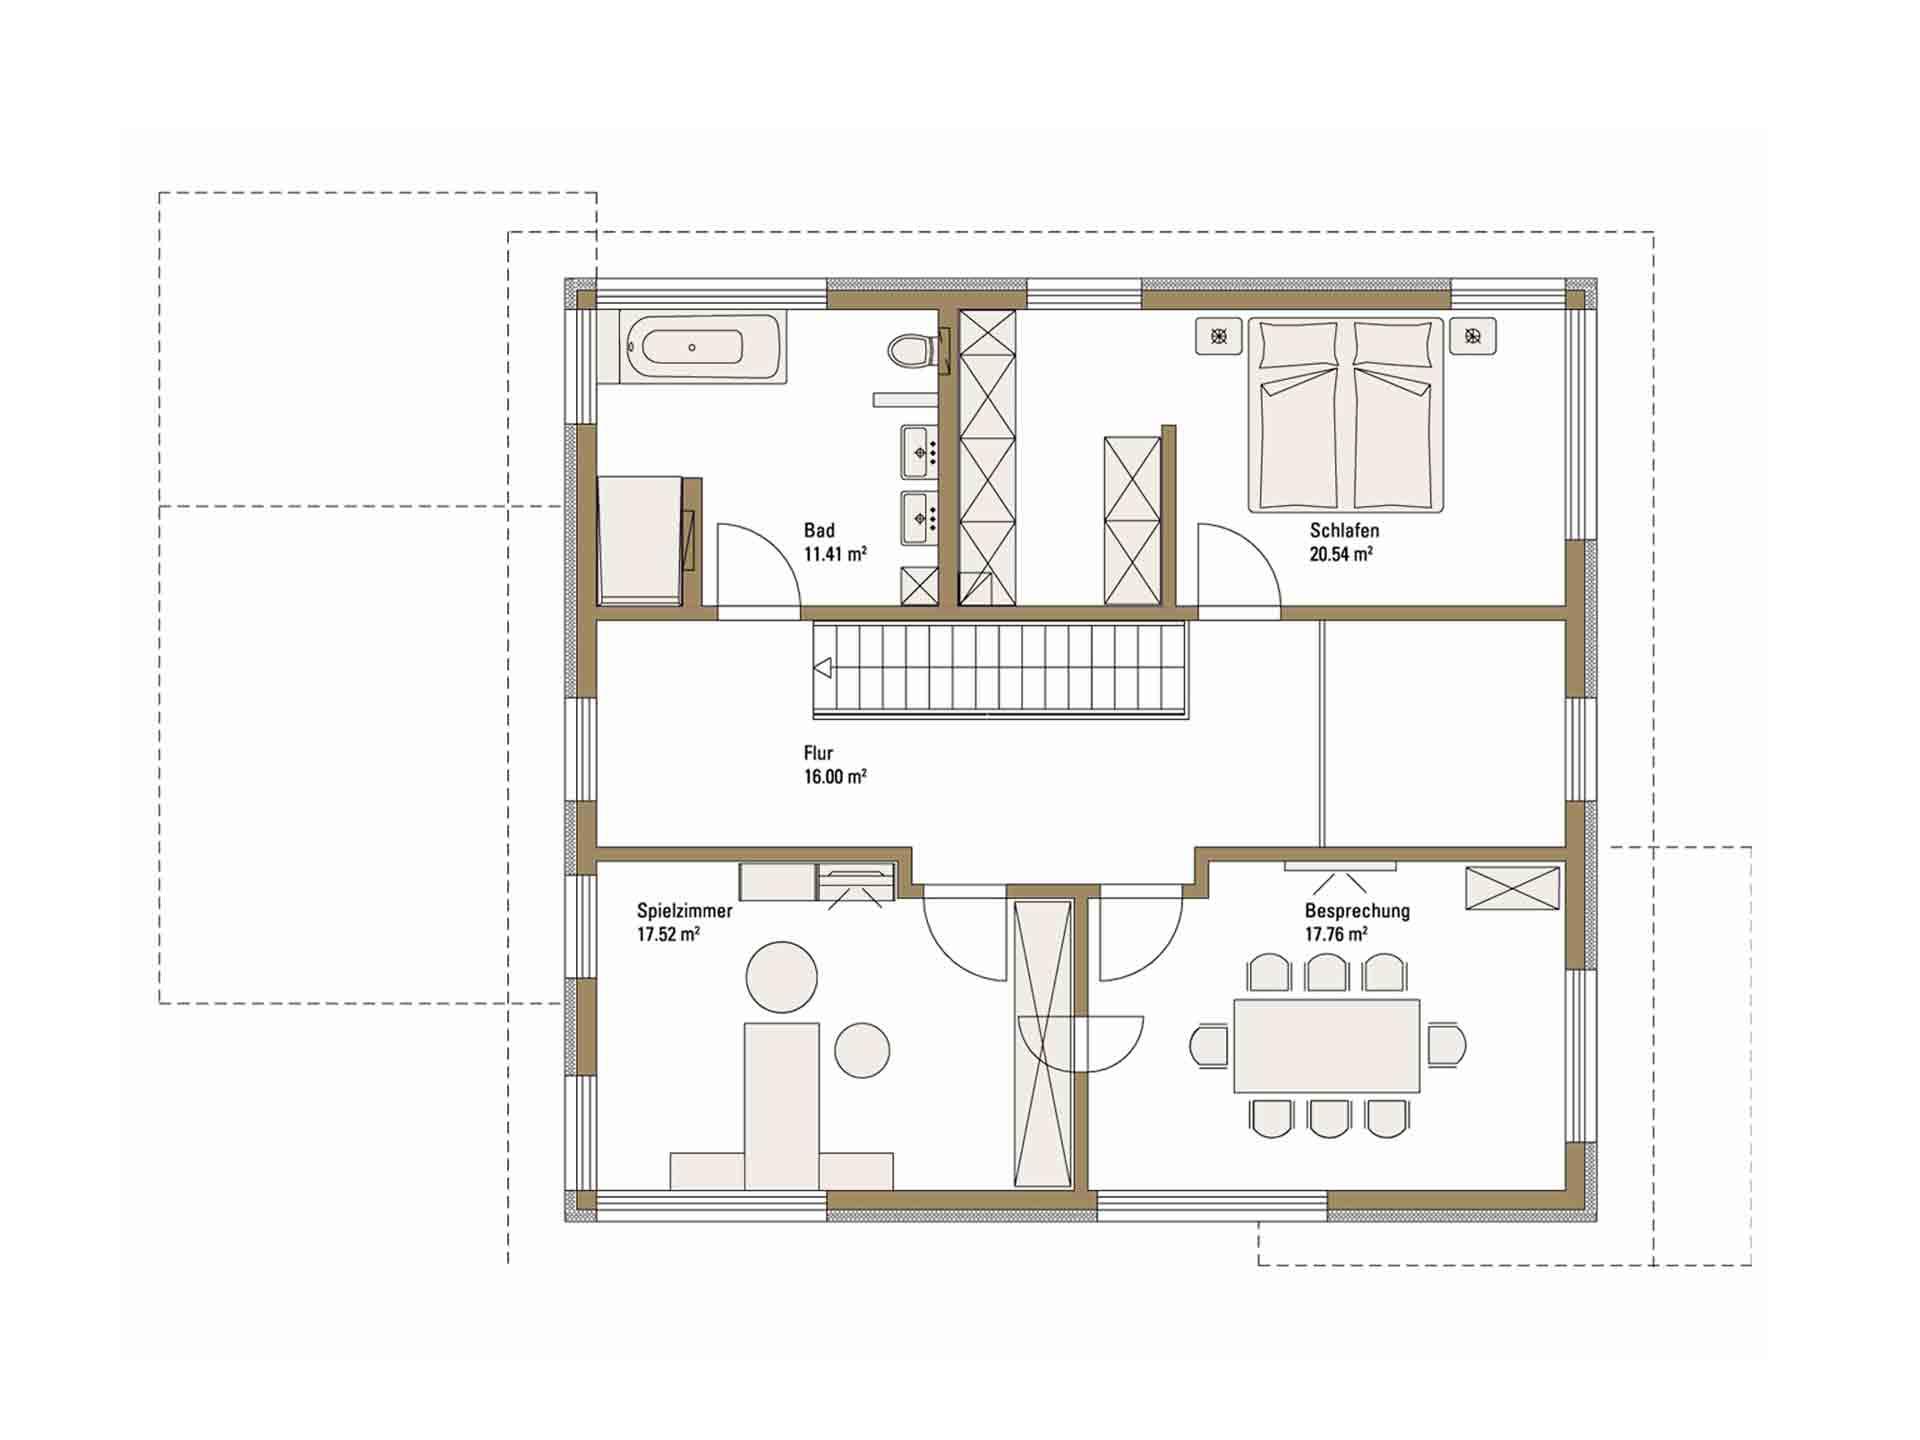 Musterhaus Future - Eine Nahaufnahme von einer Karte - Ein eigenes Heim